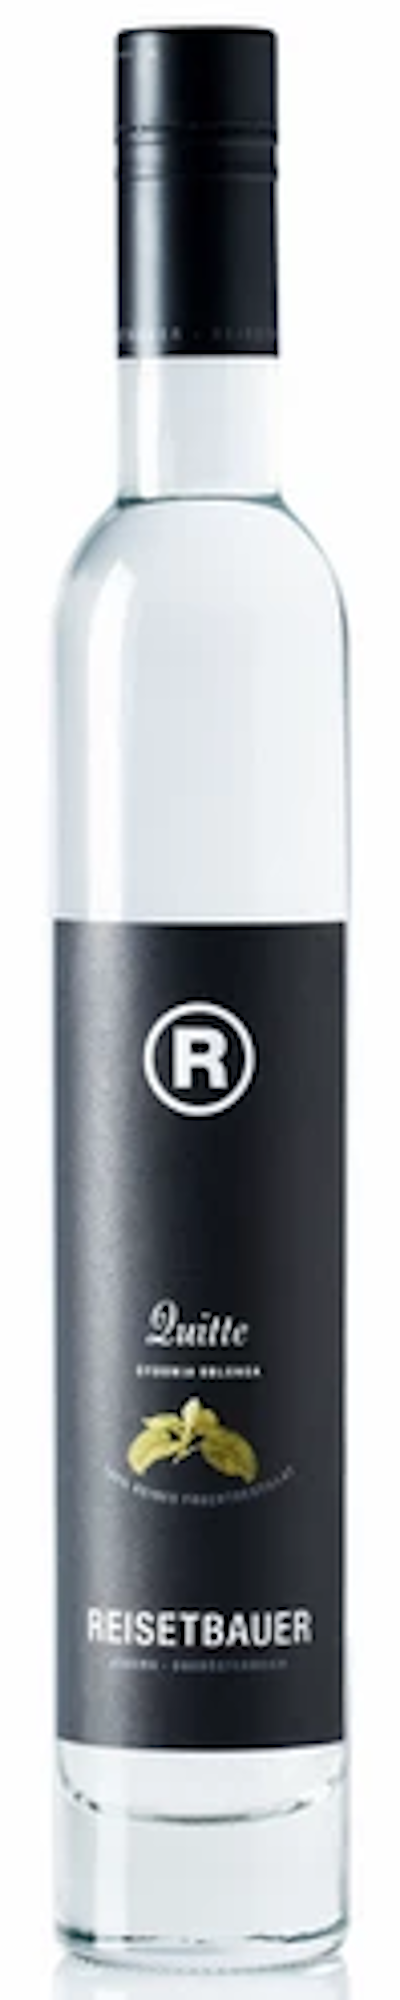 Reisetbauer - Quittenbrand